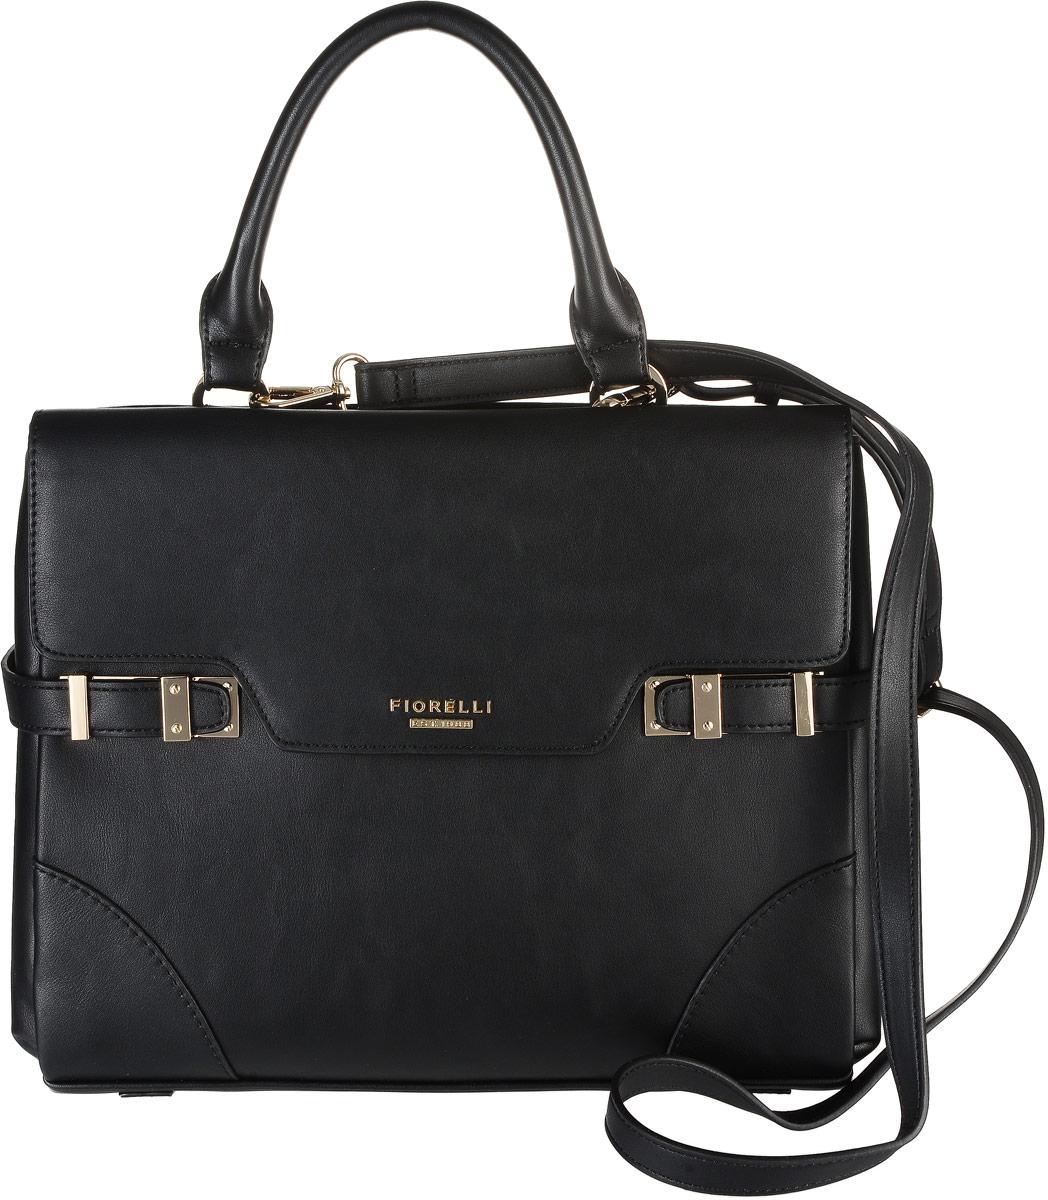 Сумка женская Fiorelli, цвет: черный. 8510 FH8510 FH BlackСтильная женская сумка Fiorelli выполнена из мягкой эко-кожи и с лицевой стороны дополнена металлической фурнитурой с названием бренда. Сумка имеет два отделение, закрывающееся на застежку-молнию клапан на магнитной кнопке. Внутри находится прорезной карман на застежке-молнии и два накладных открытых кармана. Снаружи, на задней стенке размещен прорезной карман на застежке-молнии. Роскошная сумка внесет элегантные нотки в ваш образ и подчеркнет ваше отменное чувство стиля.